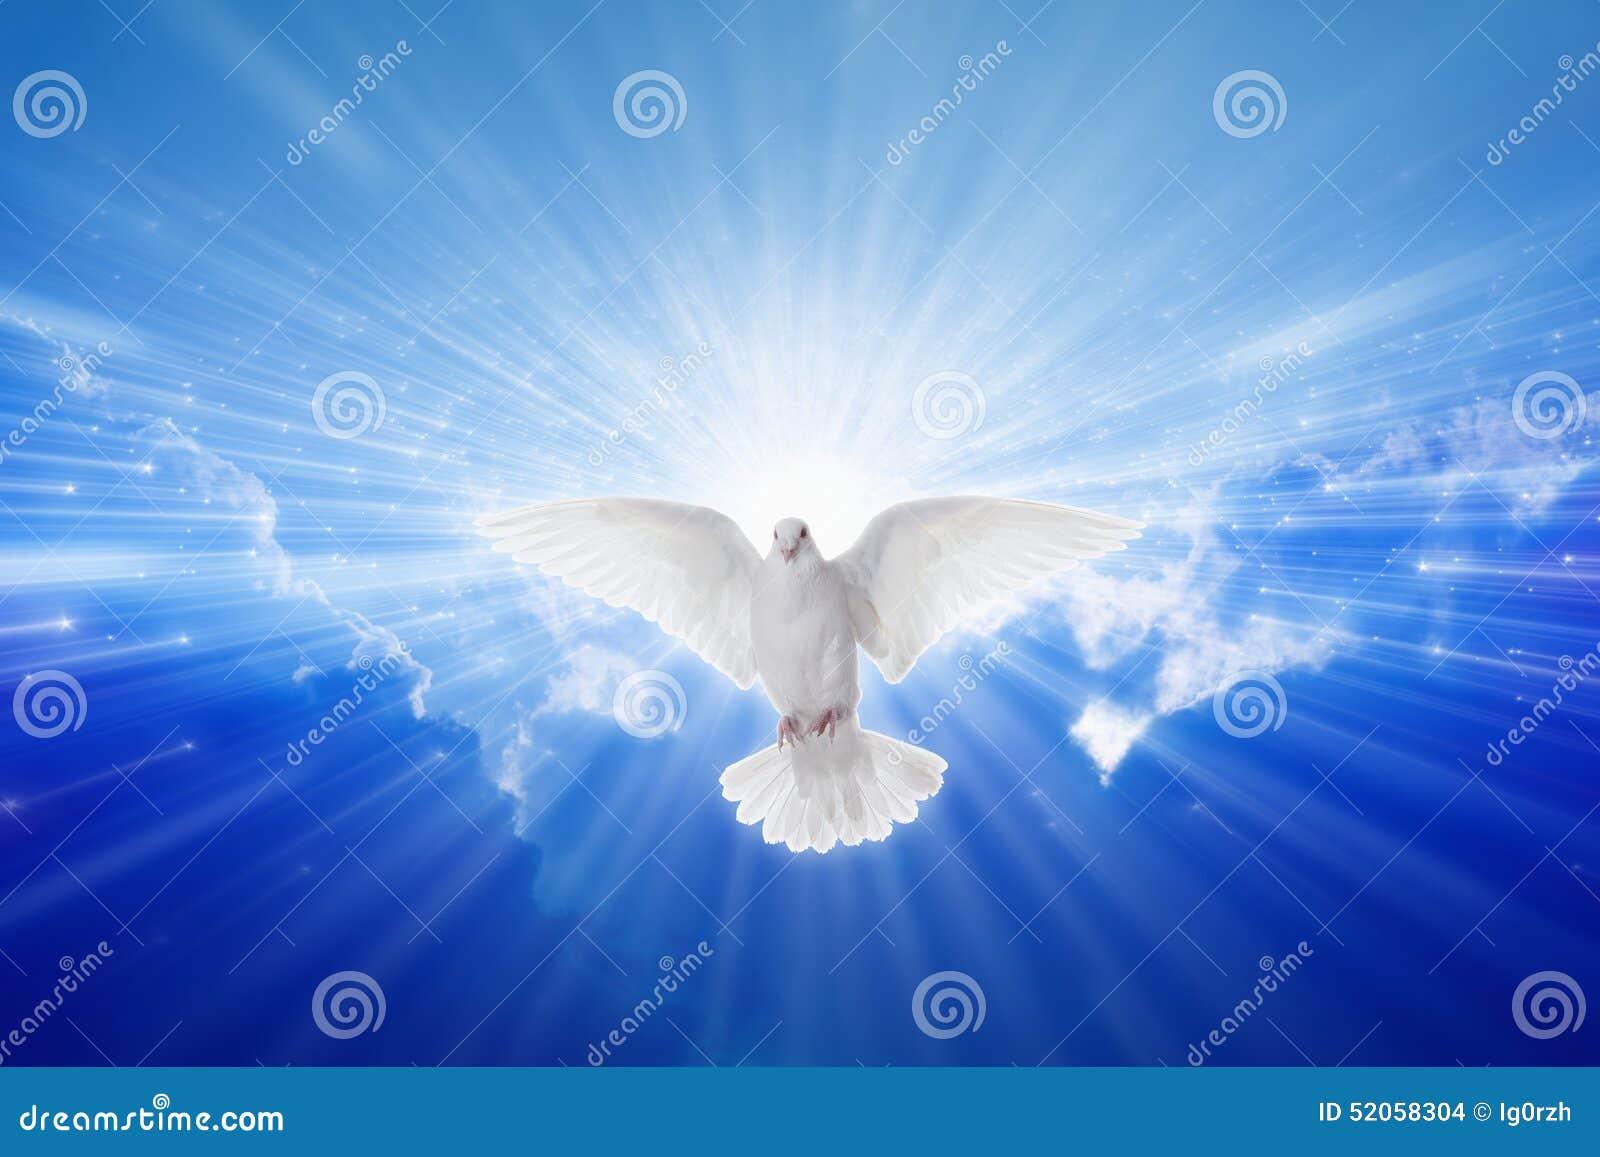 Lo Spirito Santo è sceso come la colomba